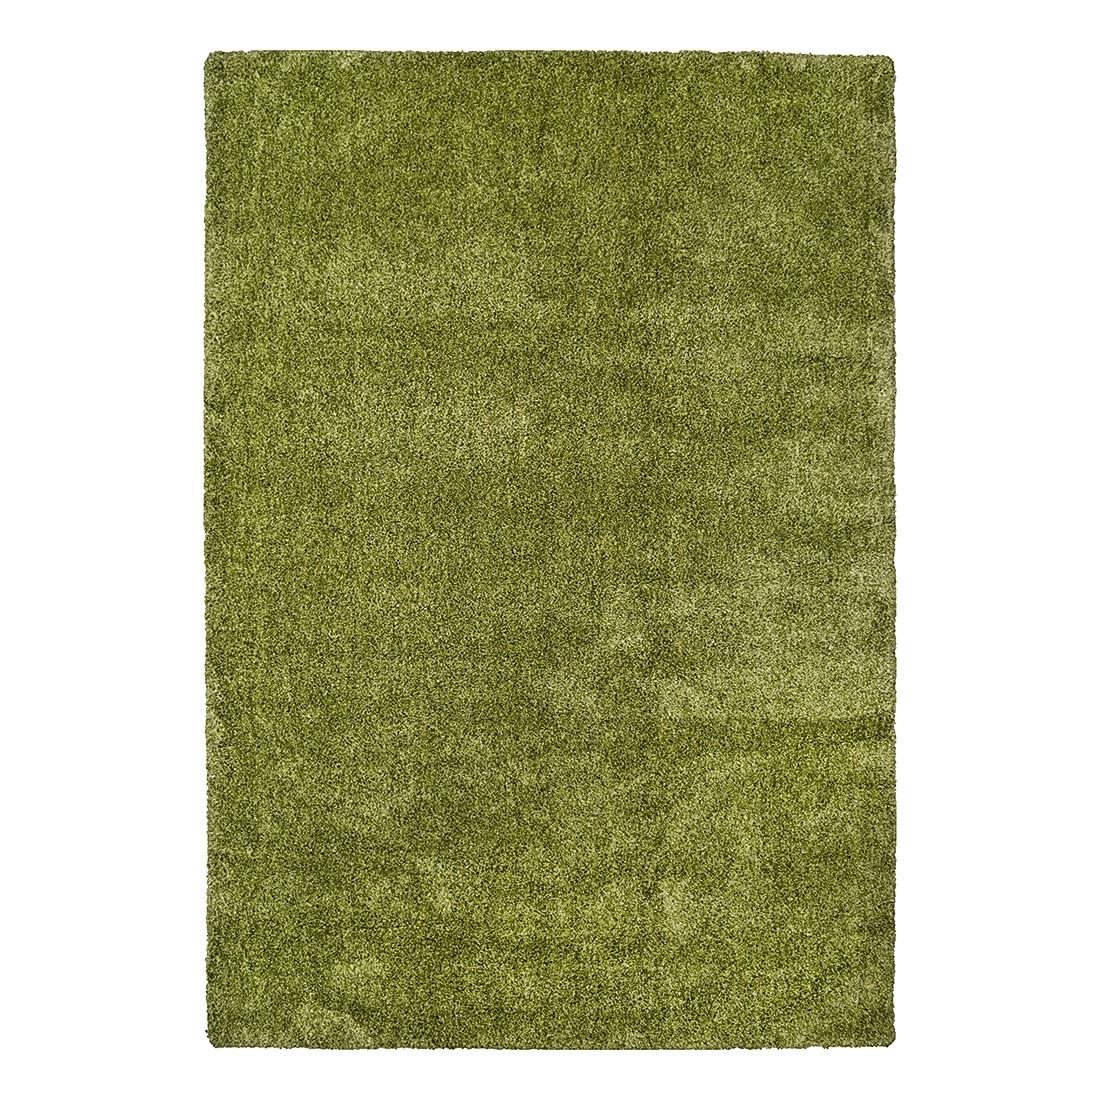 Teppich Augusta – 140 x 200 cm – Grün, Luxor living jetzt bestellen